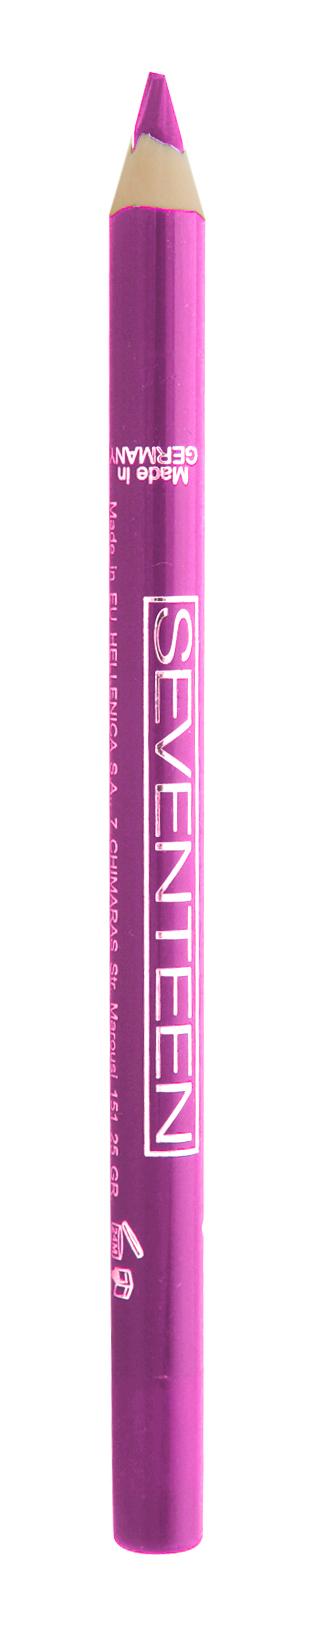 SEVENTEEN Карандаш для губ водостойкий с витамином Е, 32 модный розовый / Super Smooth W/P Lip Liner 1,2 г косметические карандаши seventeen карандаш для губ водостойкий с витамином е super smooth w p lip liner 32